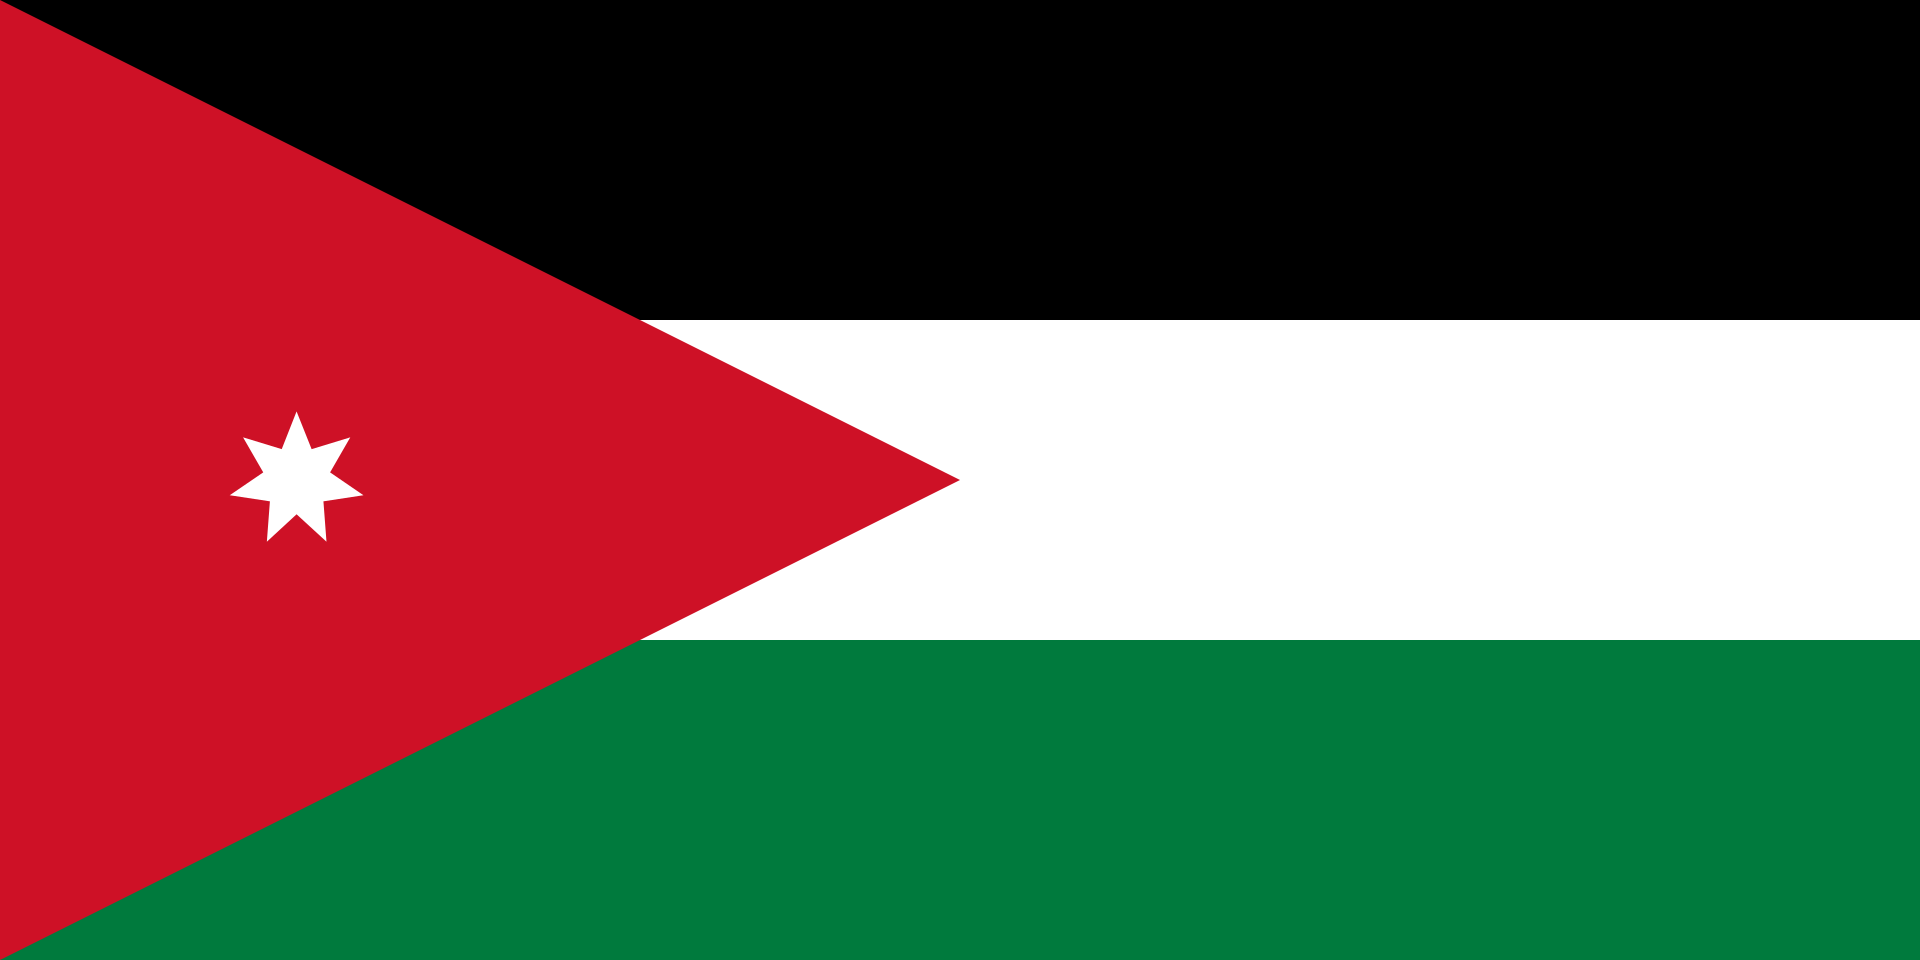 ヨルダン・ハシミテ王国の国旗